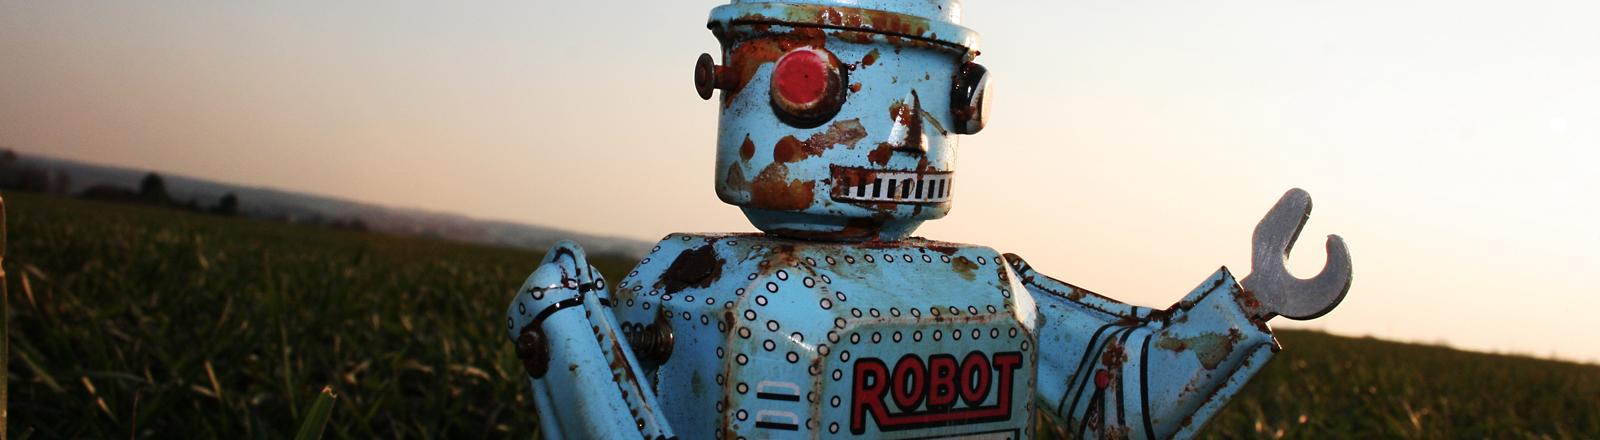 Ein alter, verrosteter Spielzeugroboter steht in einer Wiese.